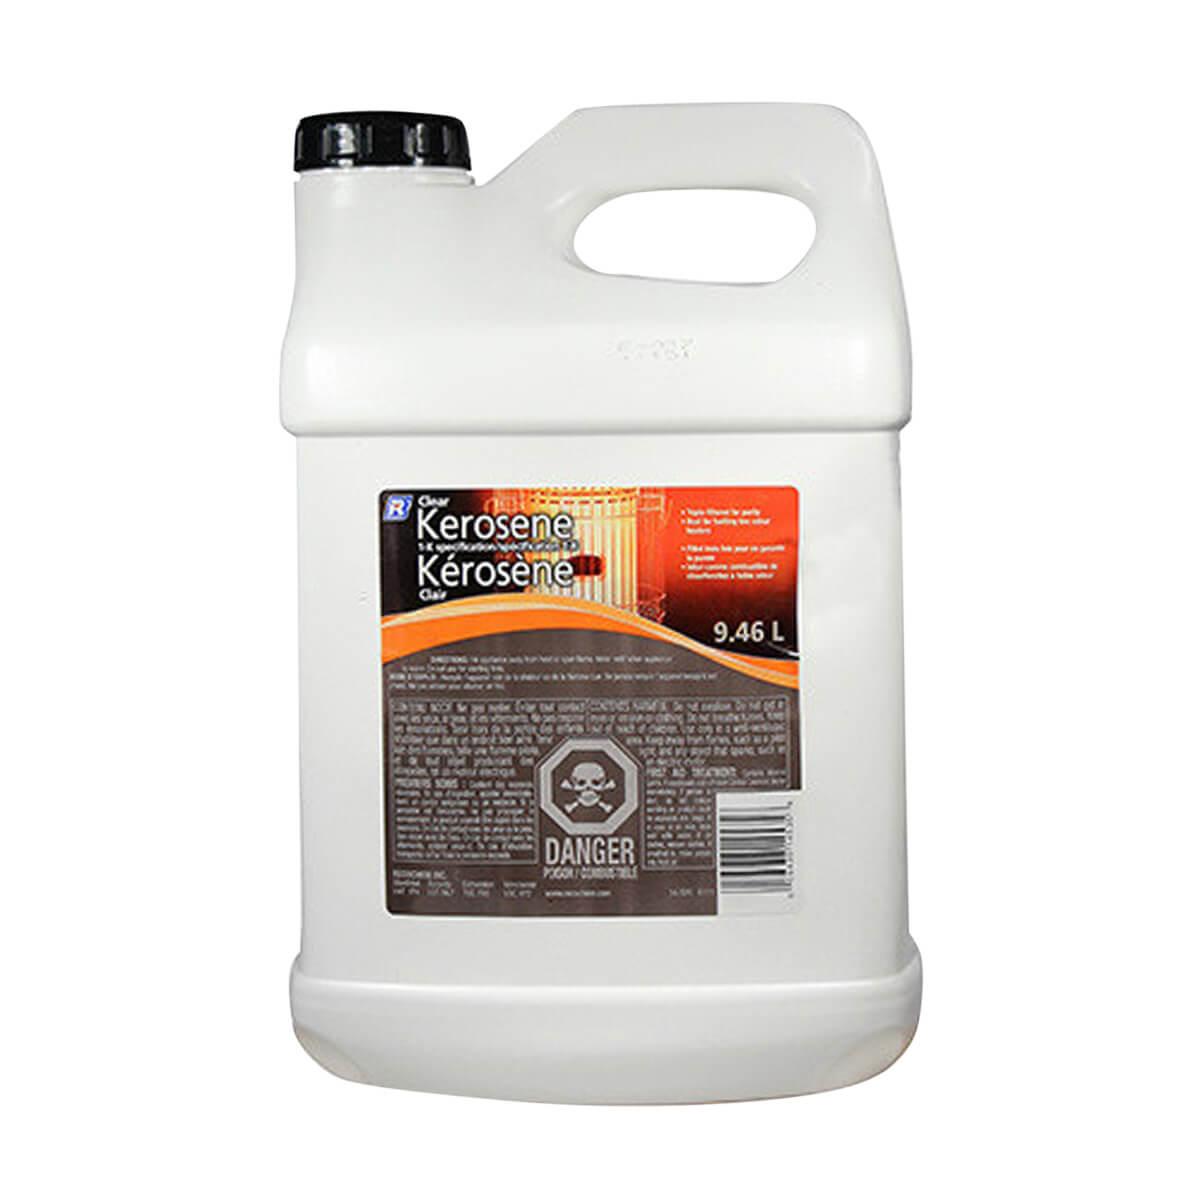 Kerosene - 9.46 litre